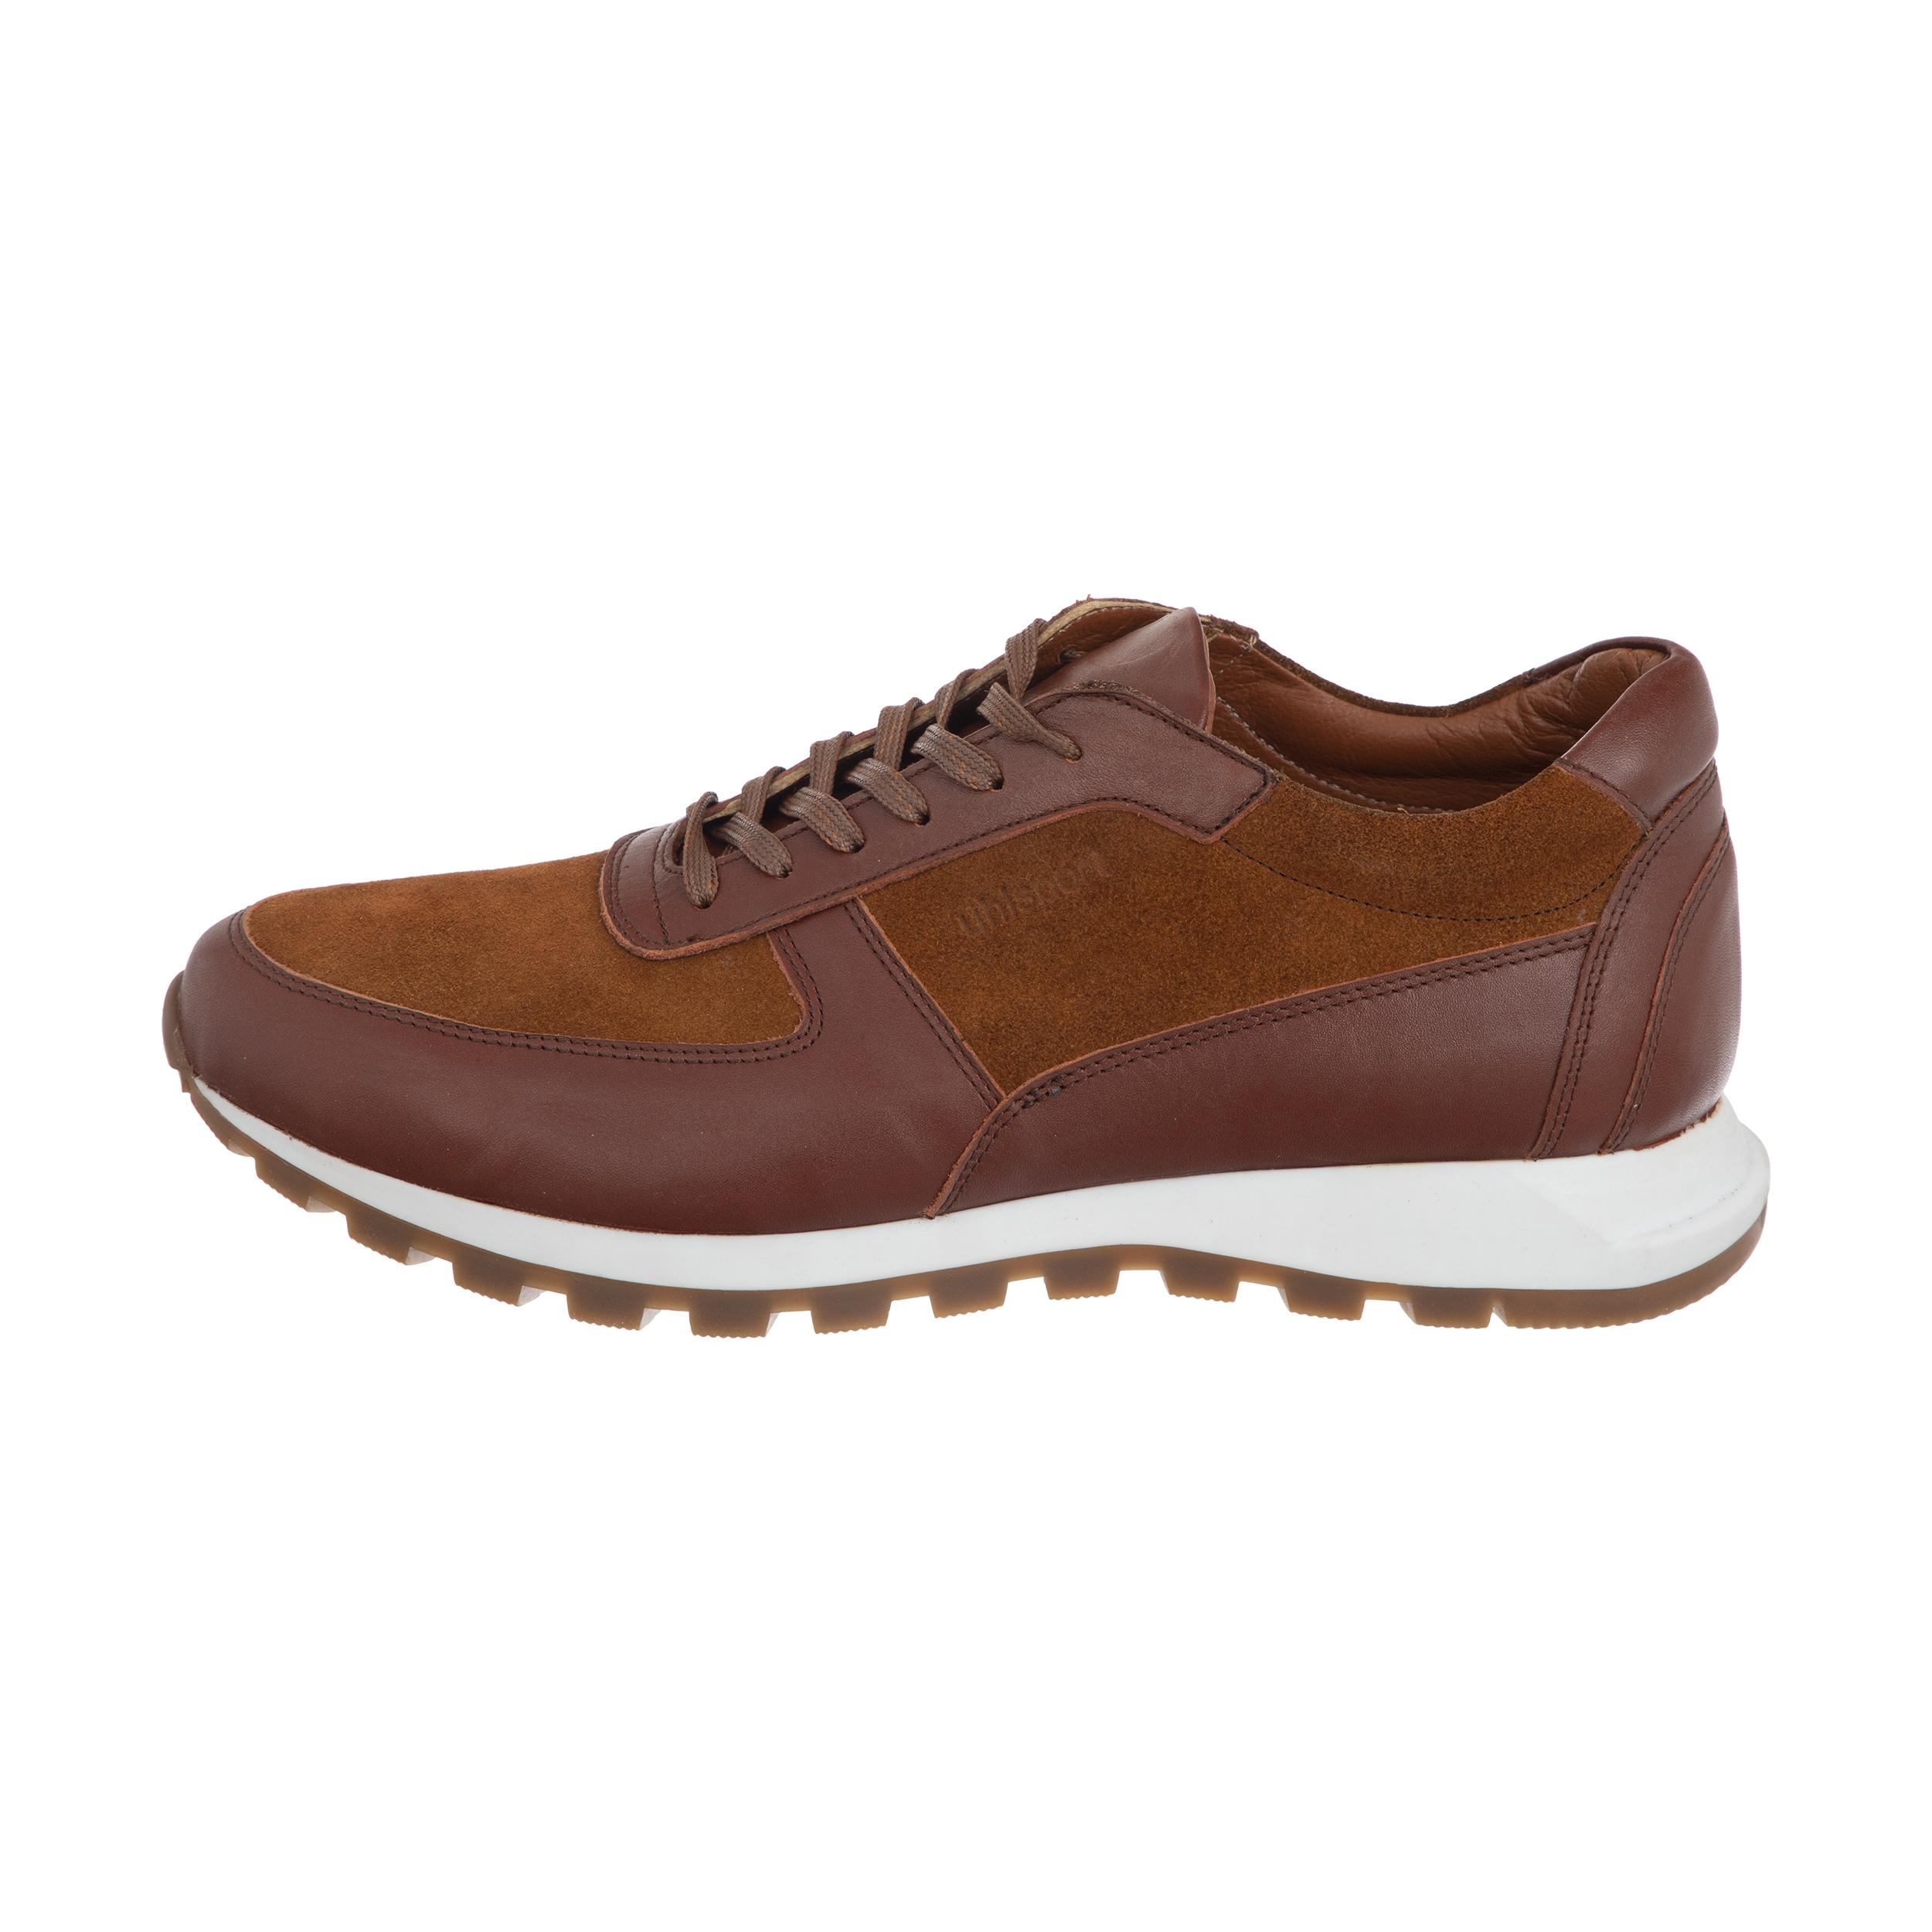 کفش راحتی مردانه آلشپرت مدل MUH800-506